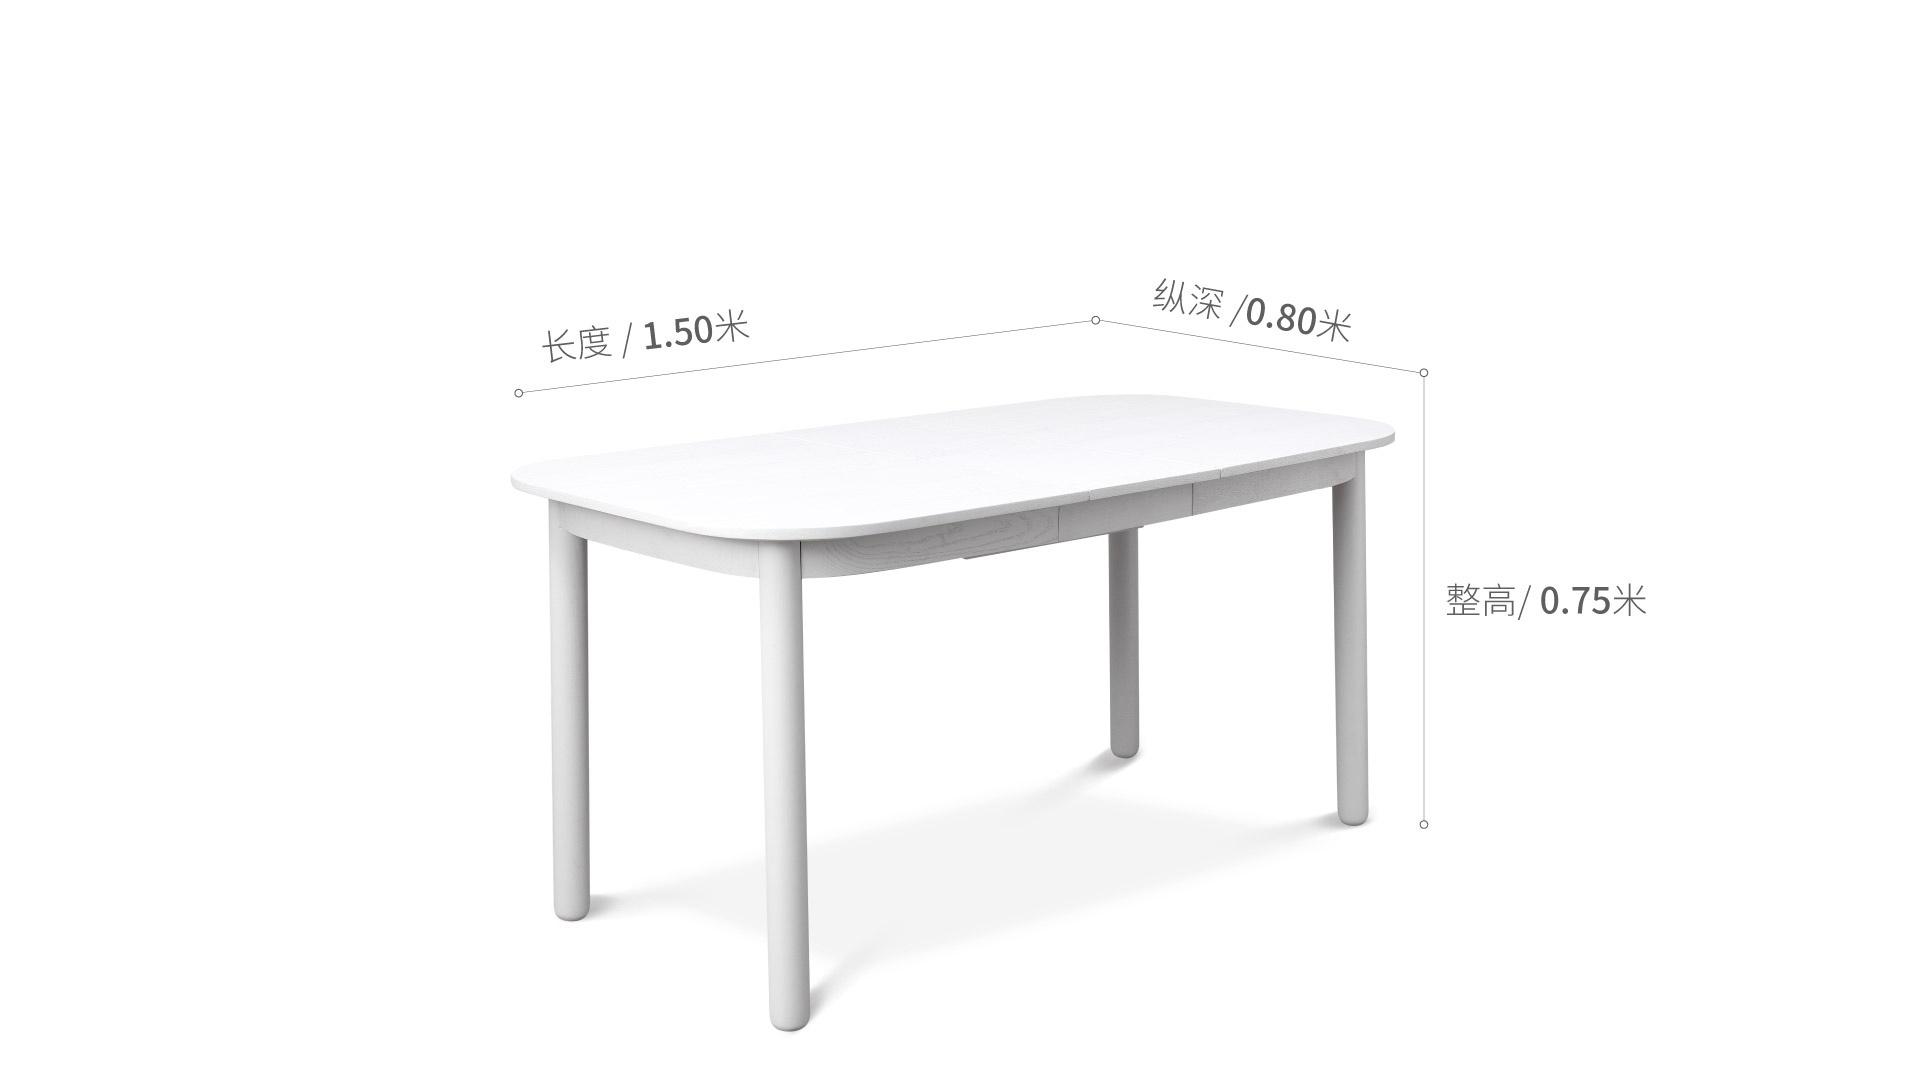 瓦雀伸缩桌伸缩后桌几效果图